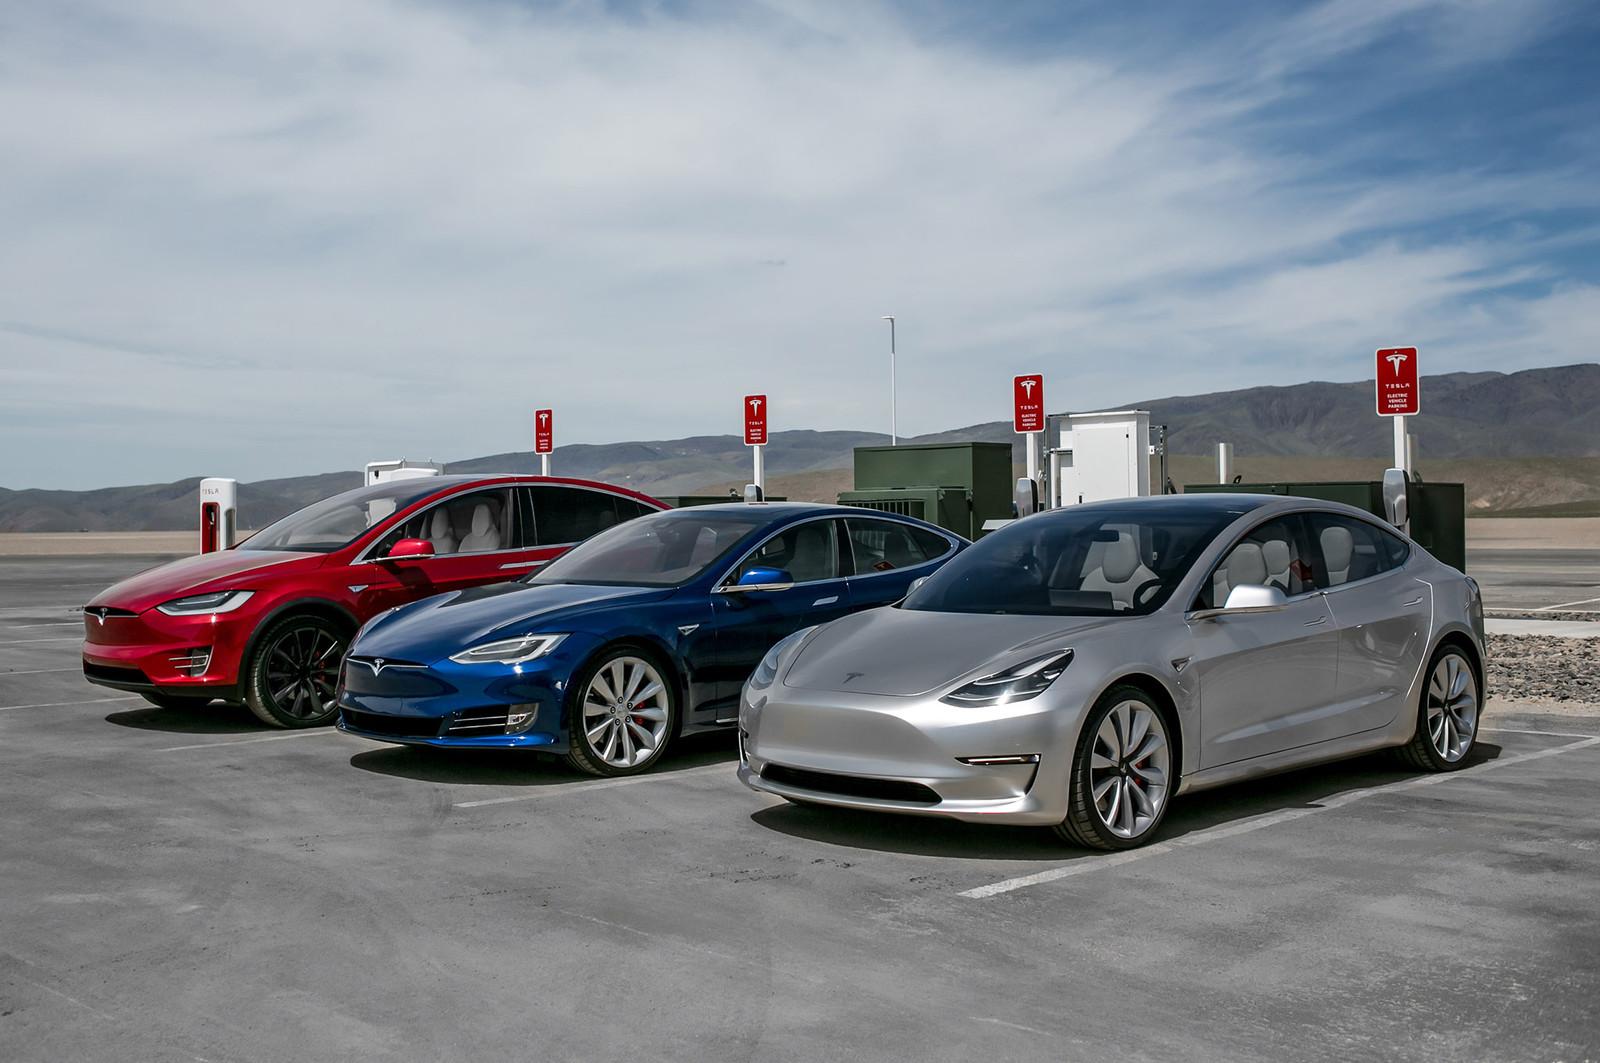 特斯拉想做能源解决商 出行服务商,这或许是一种必然?